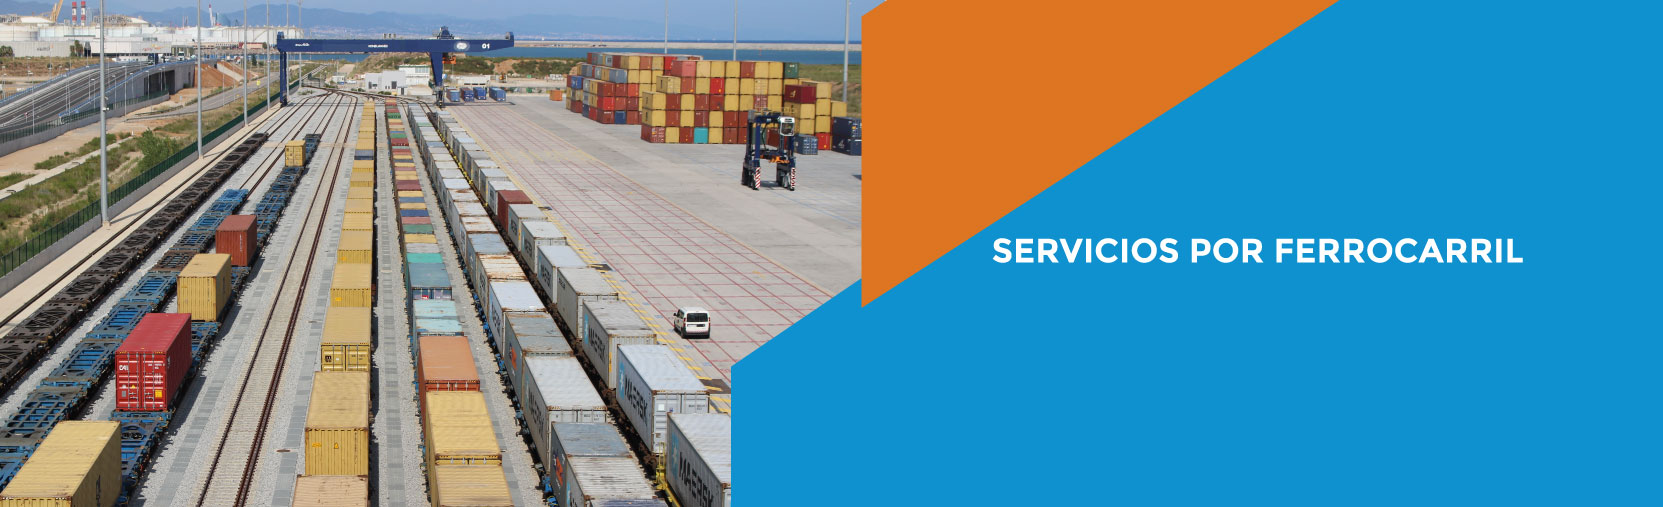 slide servicios por ferrocarril es